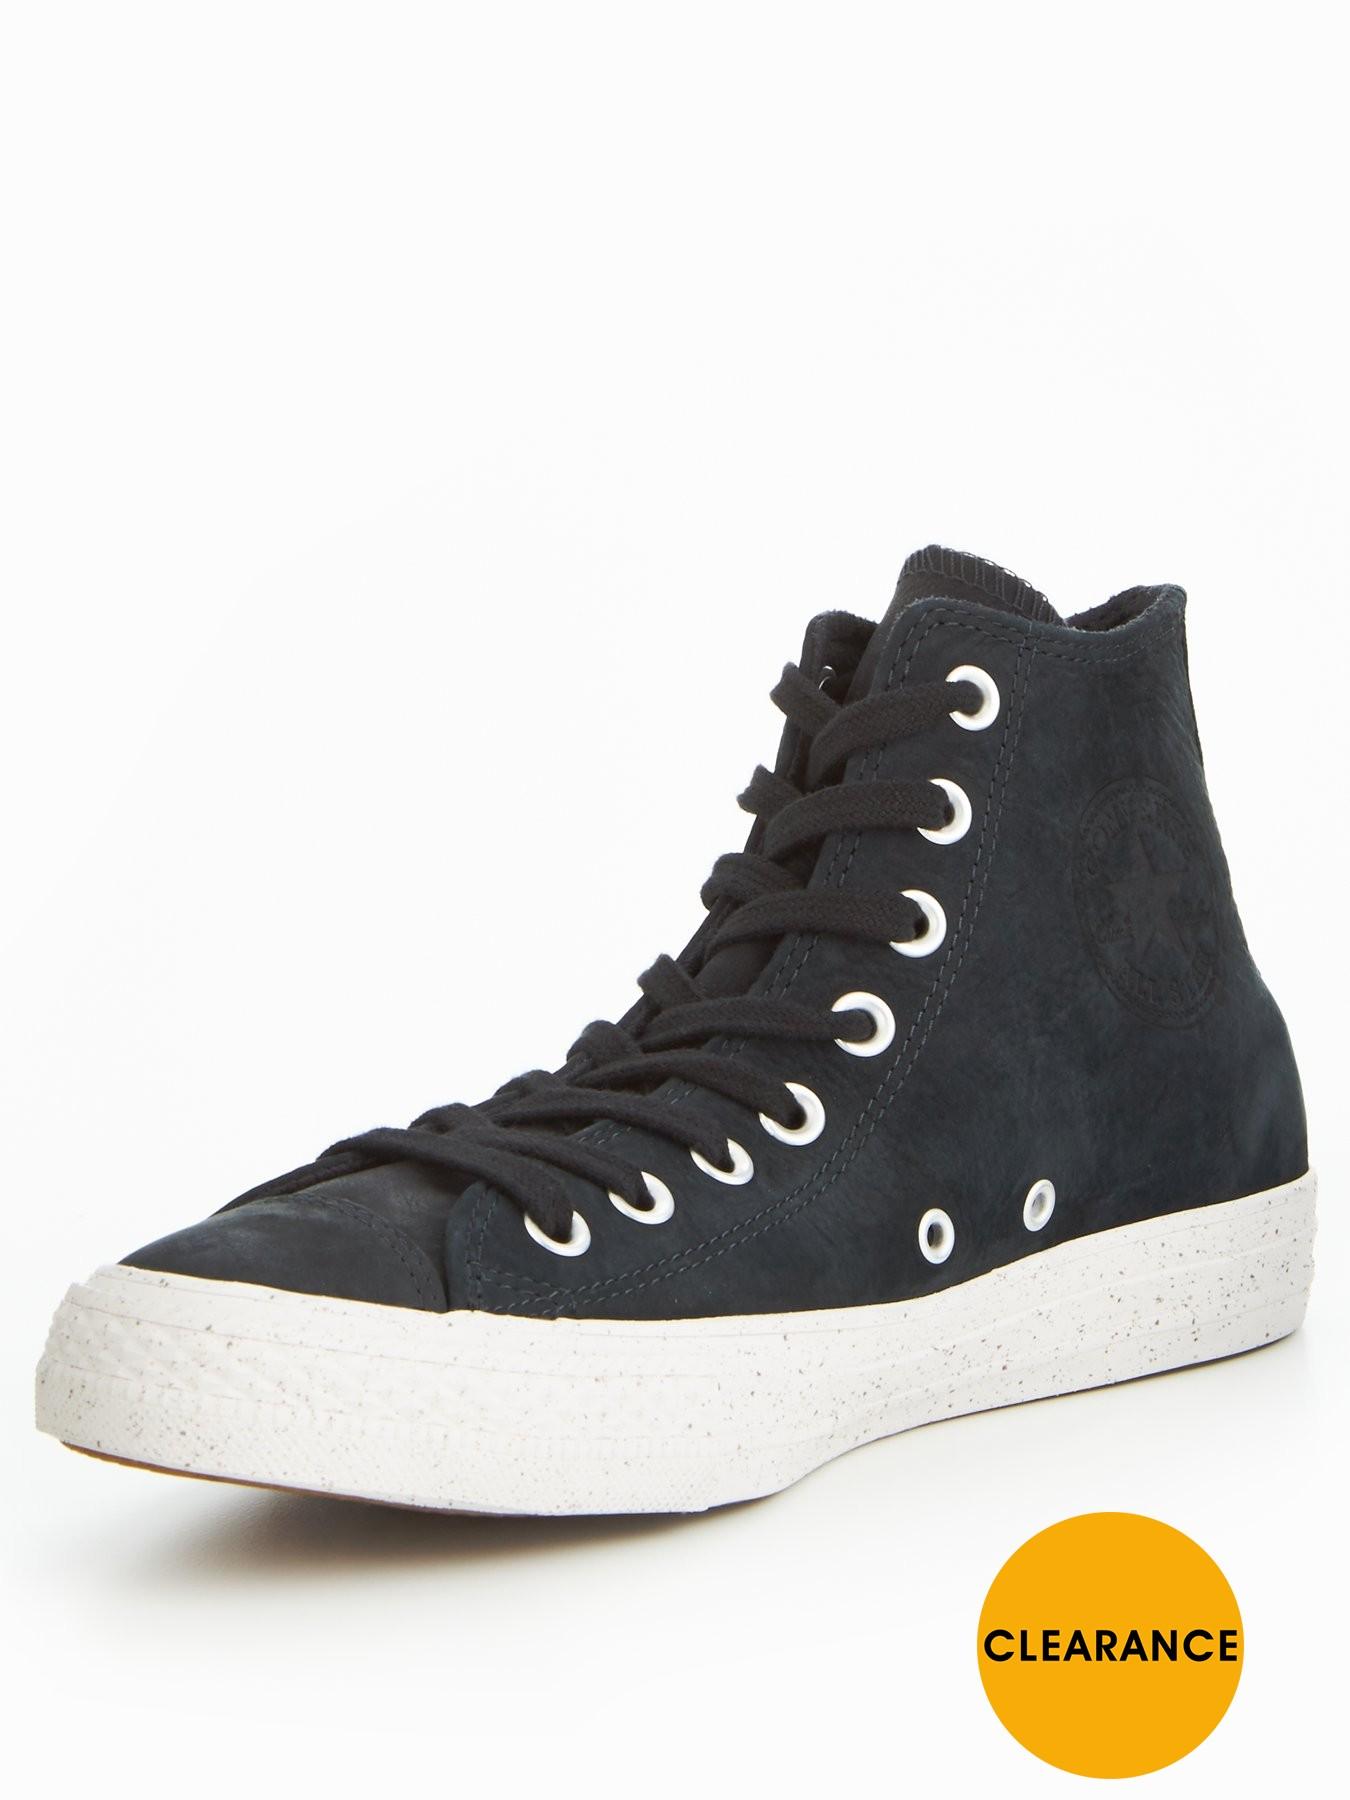 Converse Chuck Taylor All Star Hi Premium 1600161820 Men's Shoes Converse Pumps Plimsolls